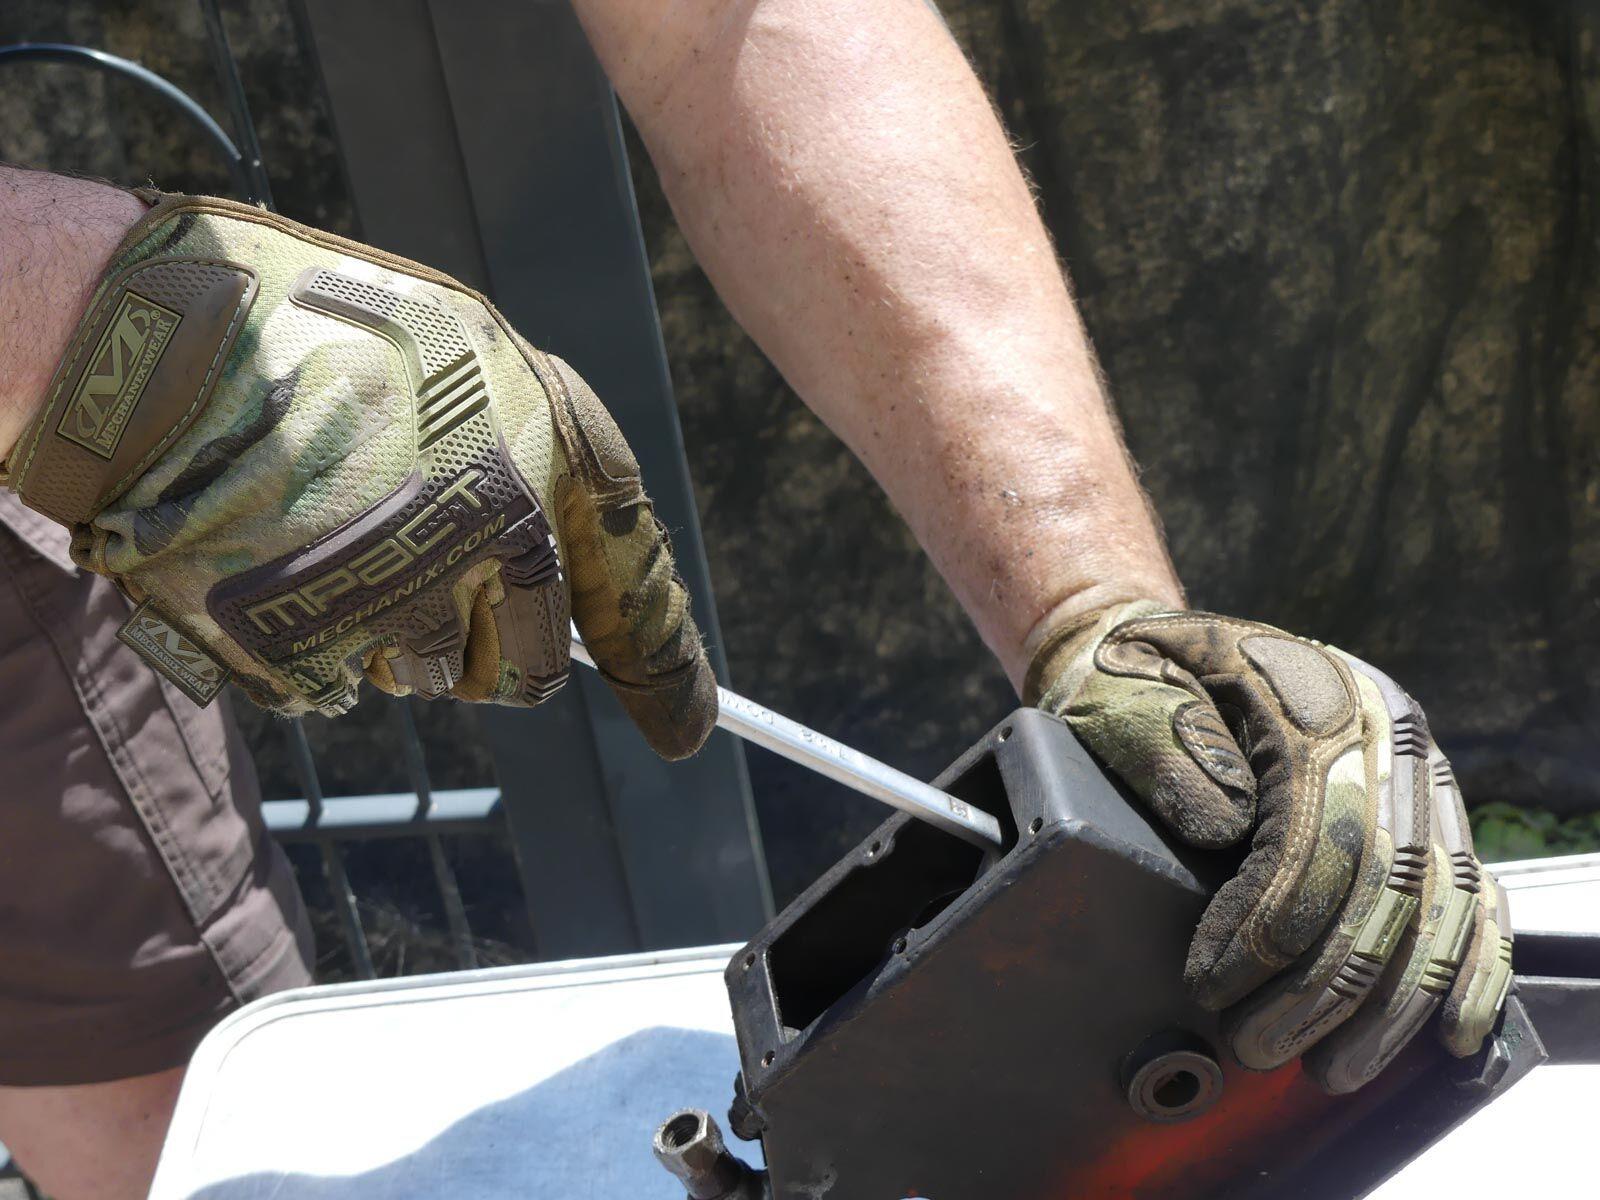 Teile lassen sich sicher packen. Die Handschuhe schützen auch vor grobem Schmutz.